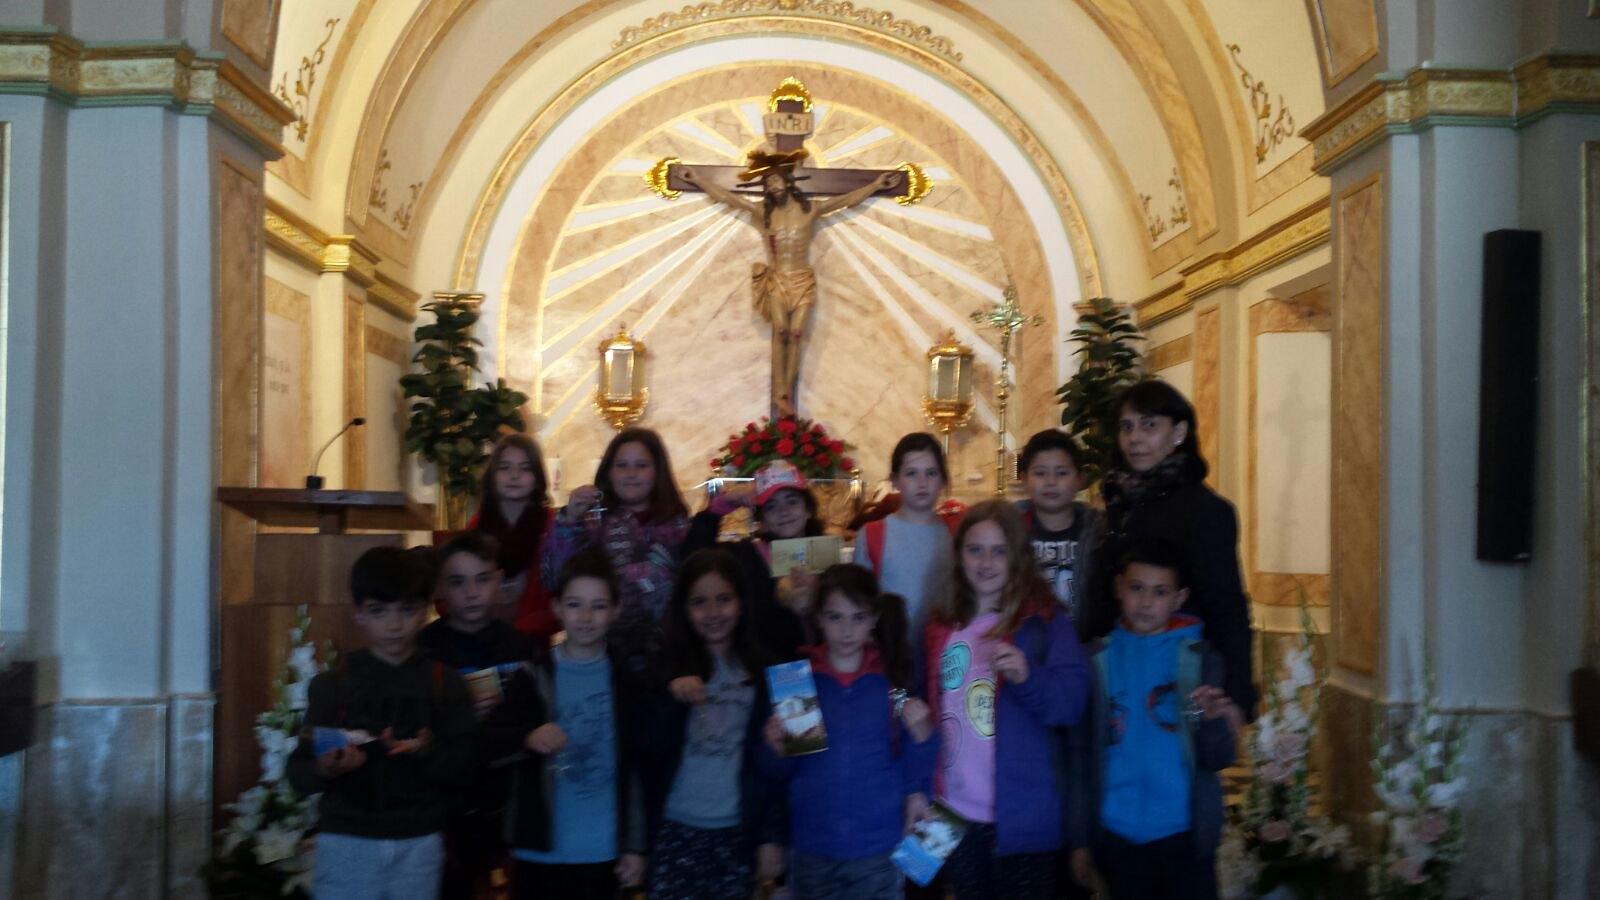 (2018-03-16) - Visita ermita alumnos Laura,3ºB, profesora religión Reina Sofia - Marzo -  María Isabel Berenguer Brotons (08)